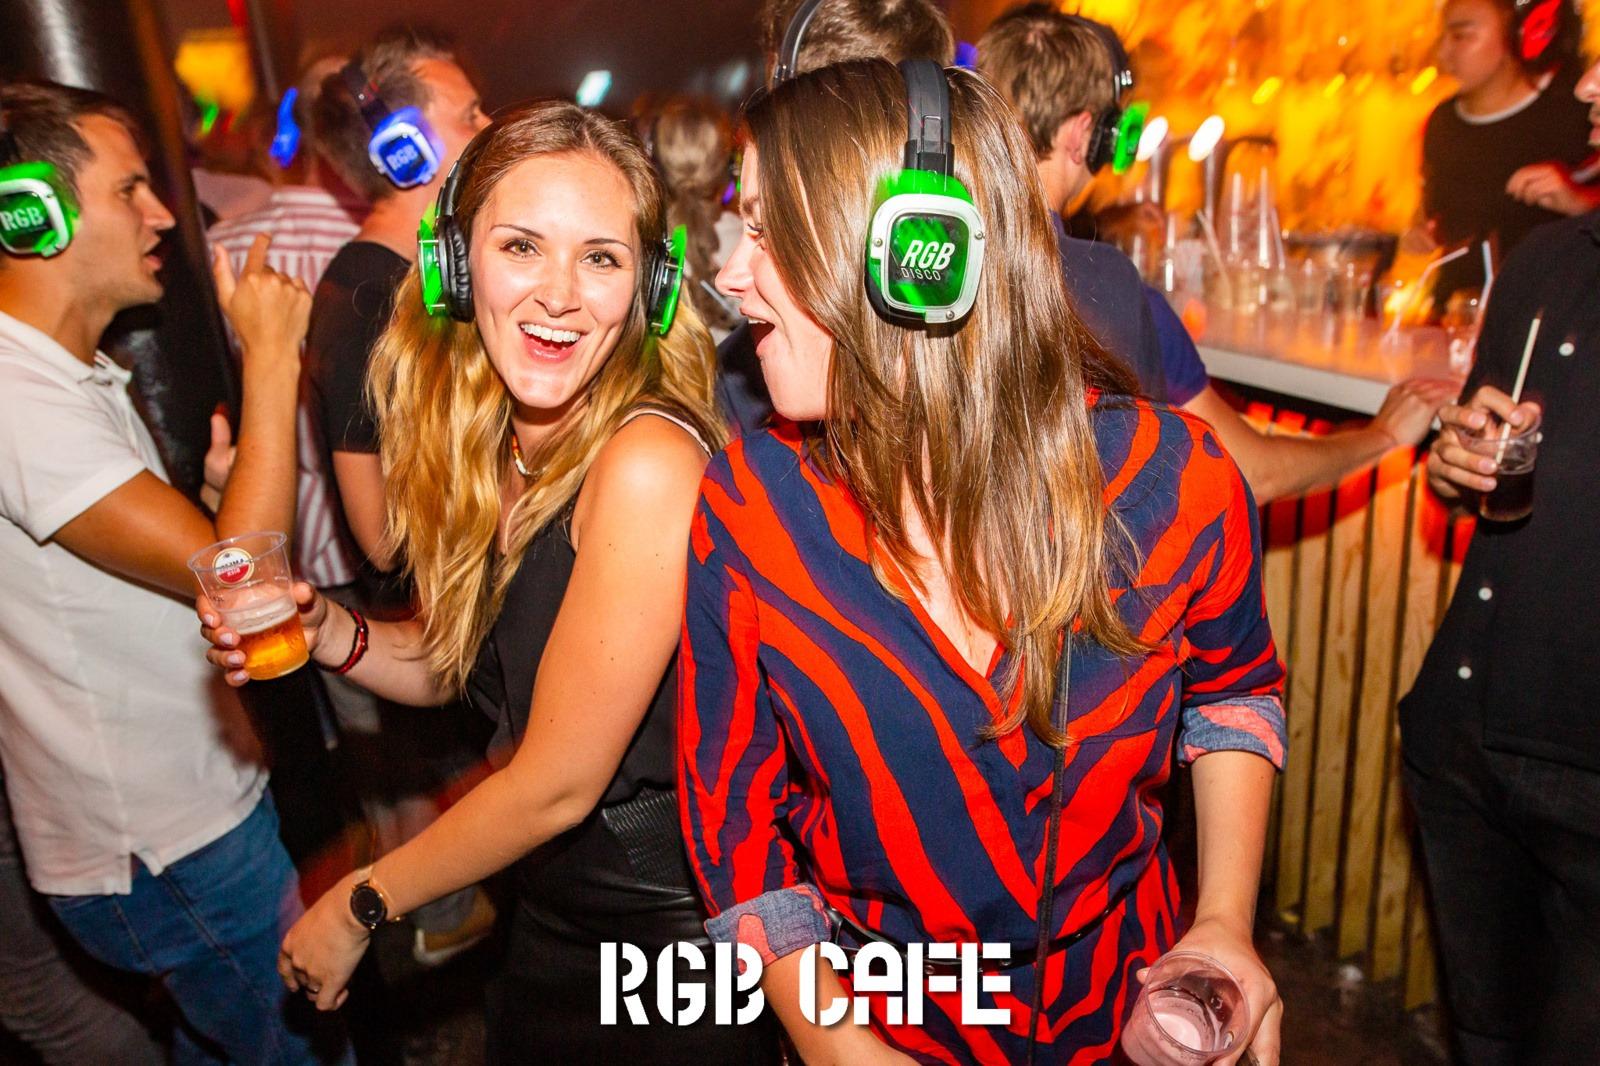 RGB Cafe